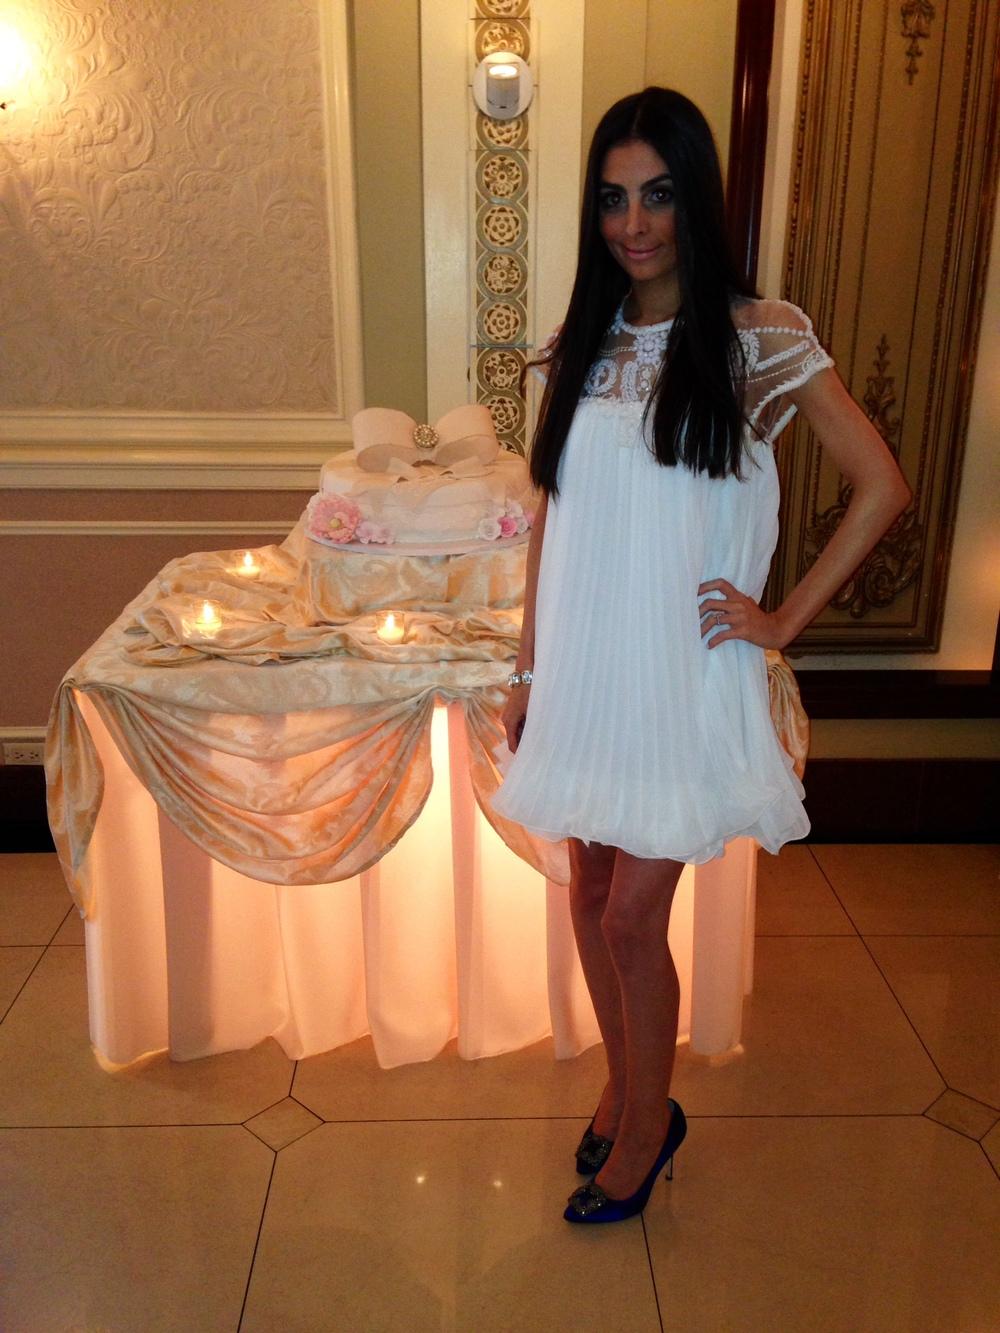 Dress- Sheinside.com Shoes Manolo Blahnik Saks.com